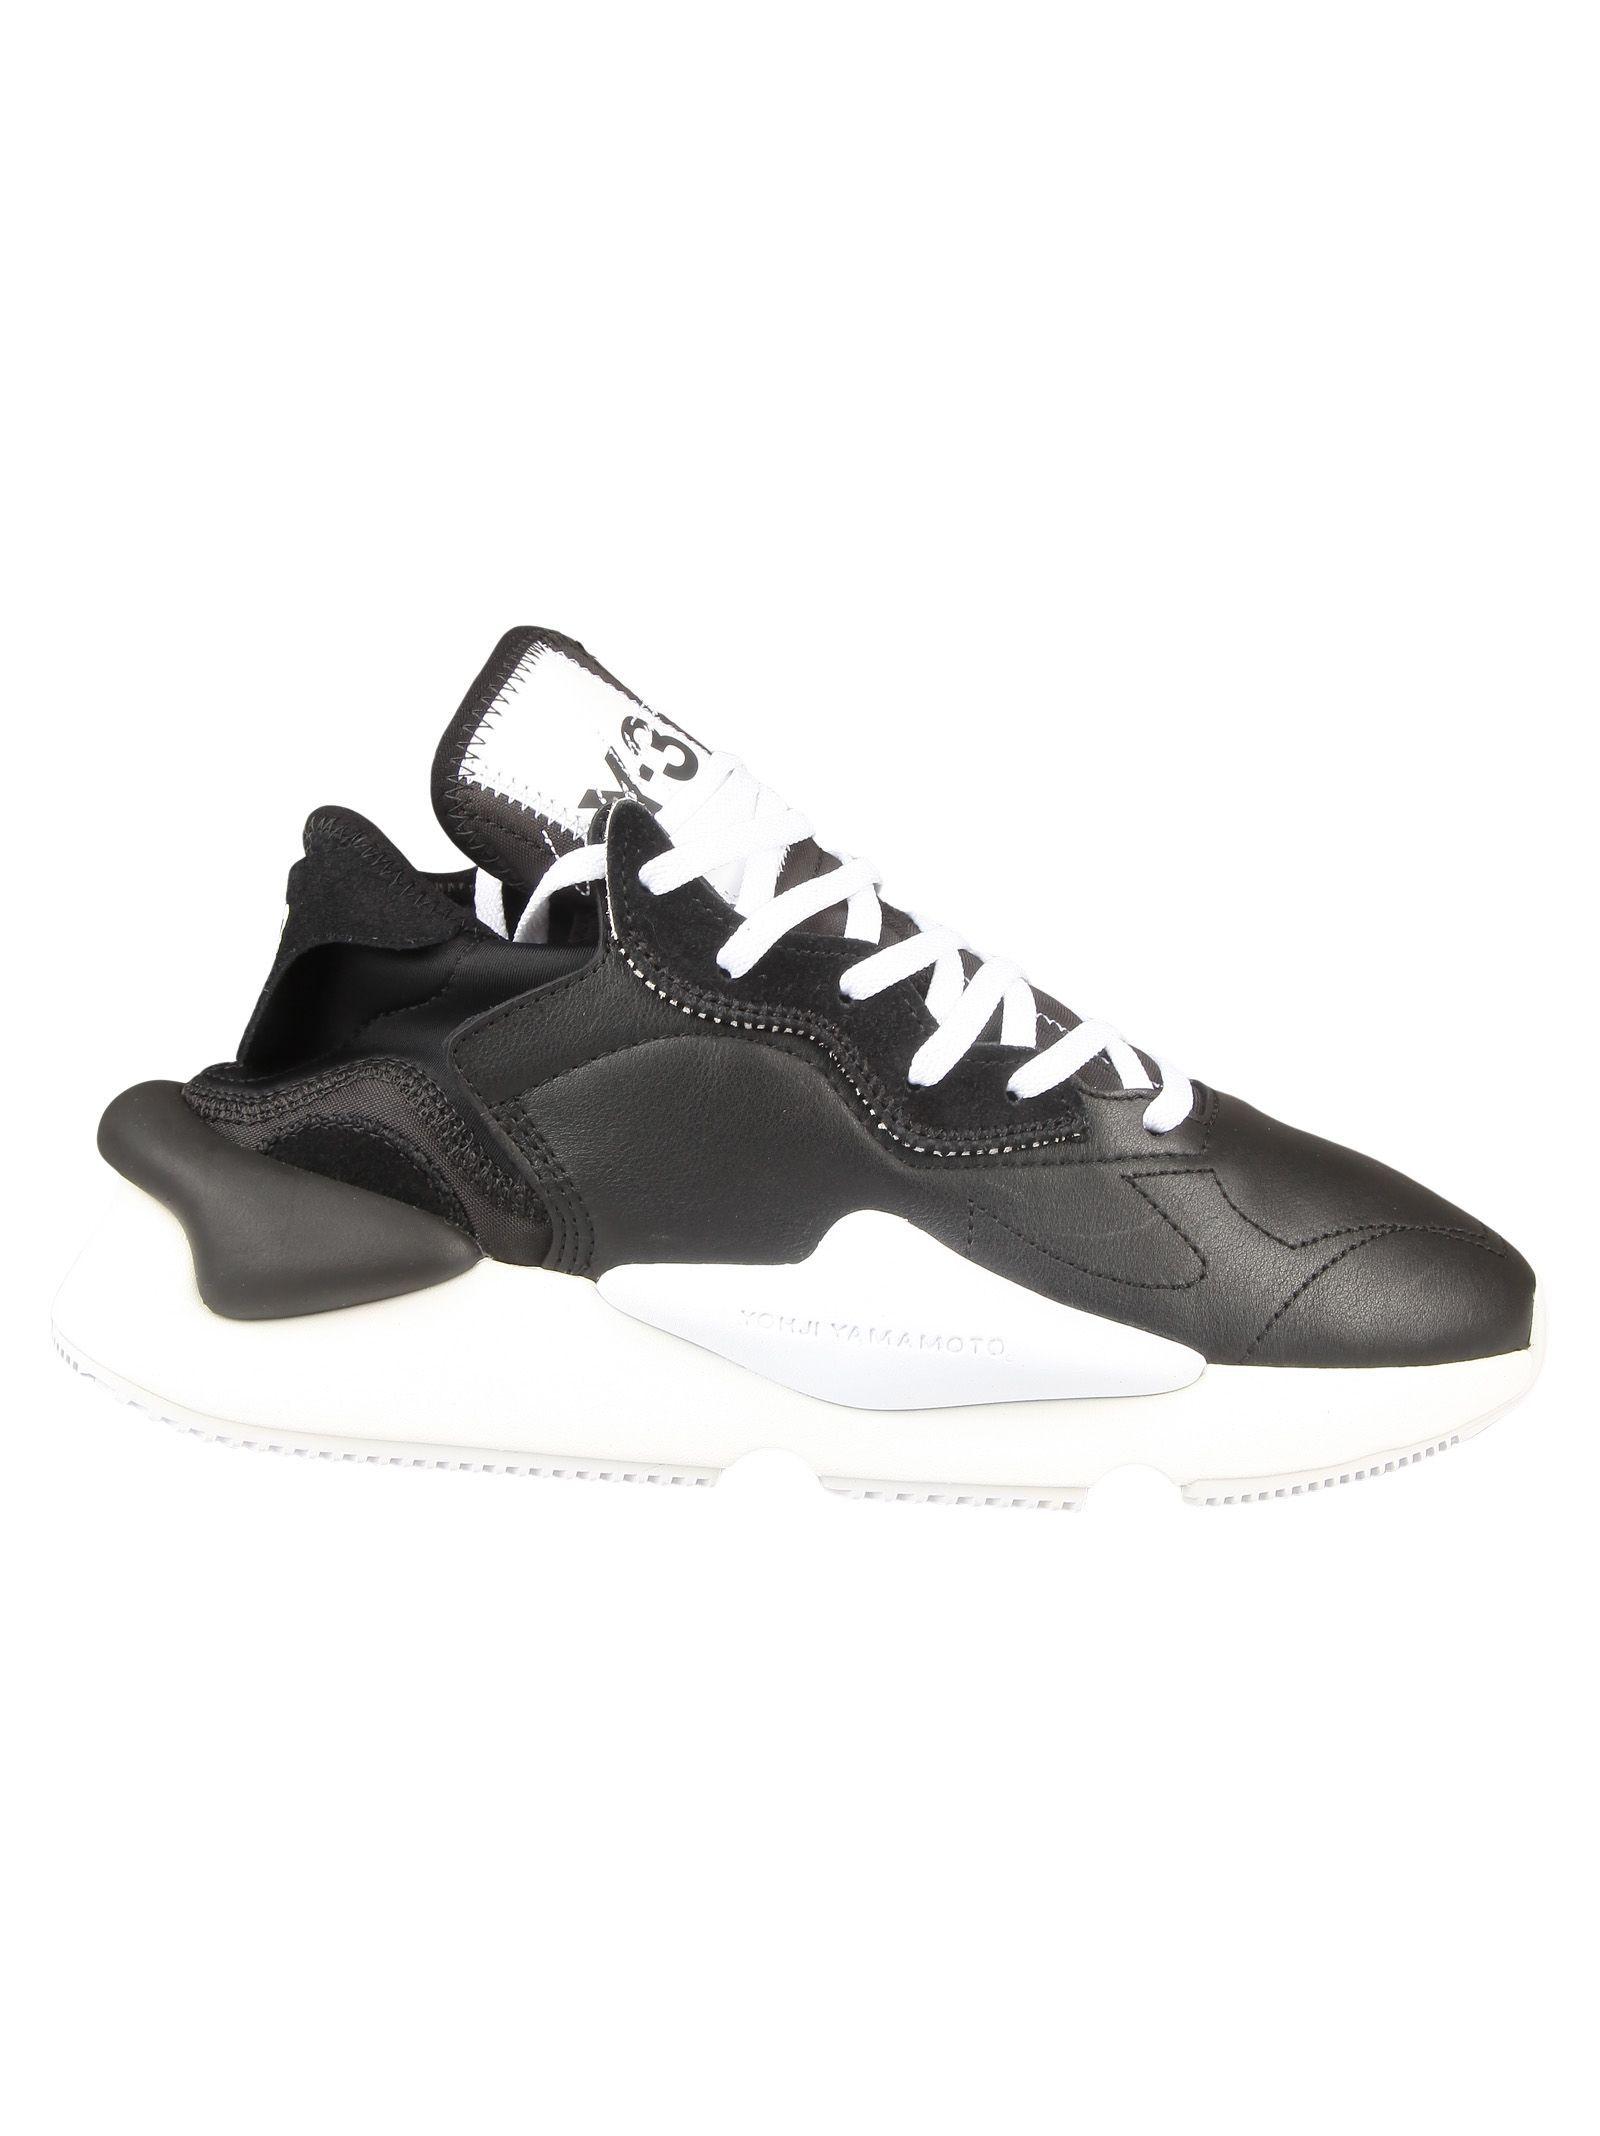 d679299c8 Y-3 KAIWA SNEAKERS.  y-3  shoes